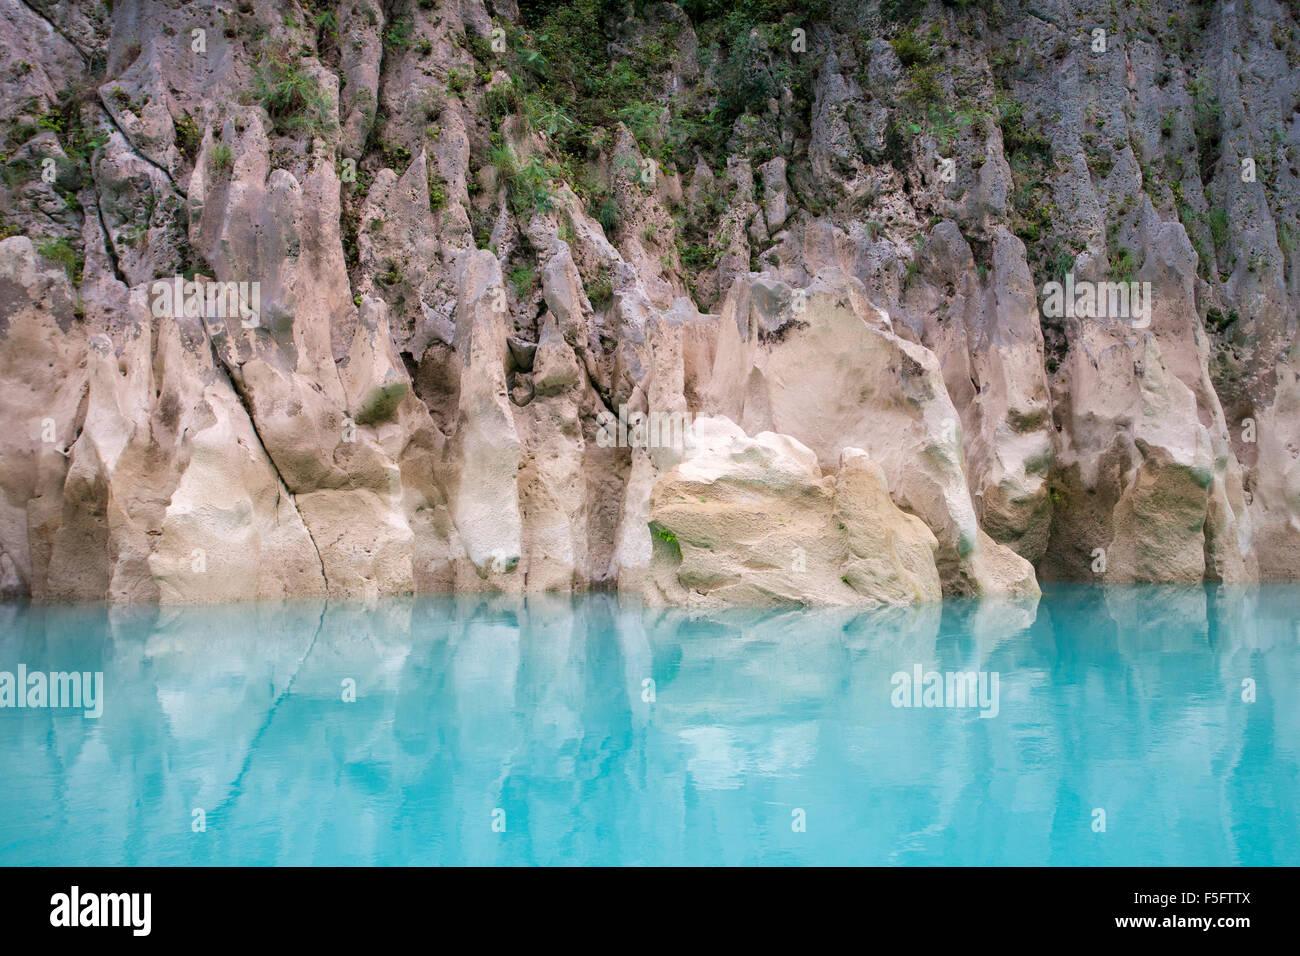 Türkis Farbe des tampaon Fluss Kontraste mit Felsformationen in der Huasteca Potosina lieber in der Nähe Stockbild